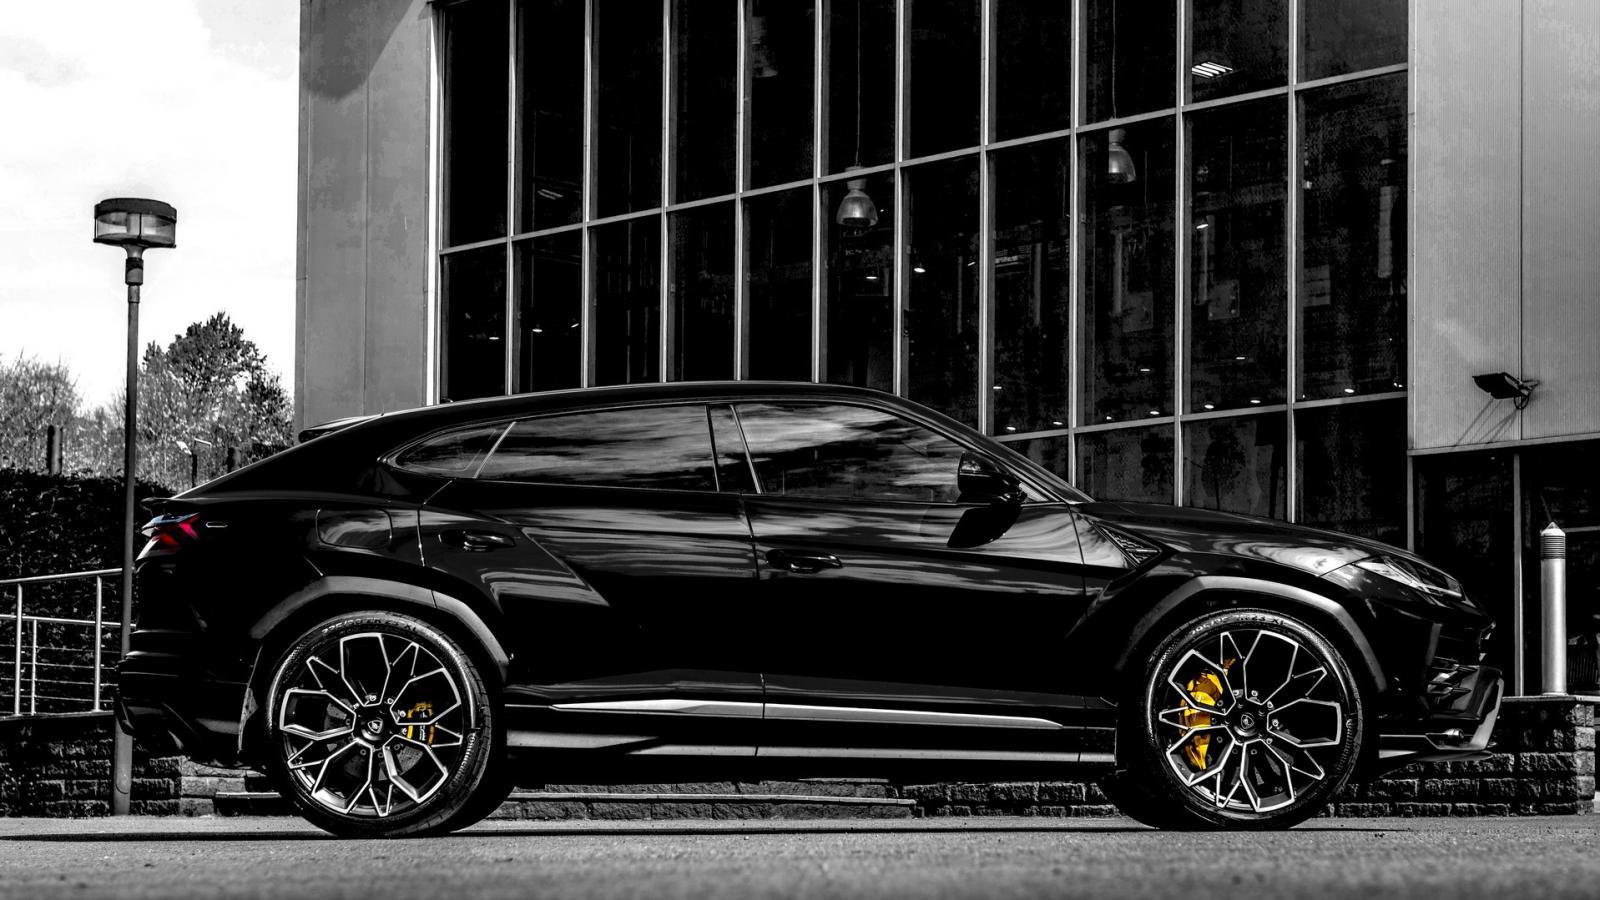 La Lamborghini Urus de Wheelsandmore tiene un look más radical y agresivo